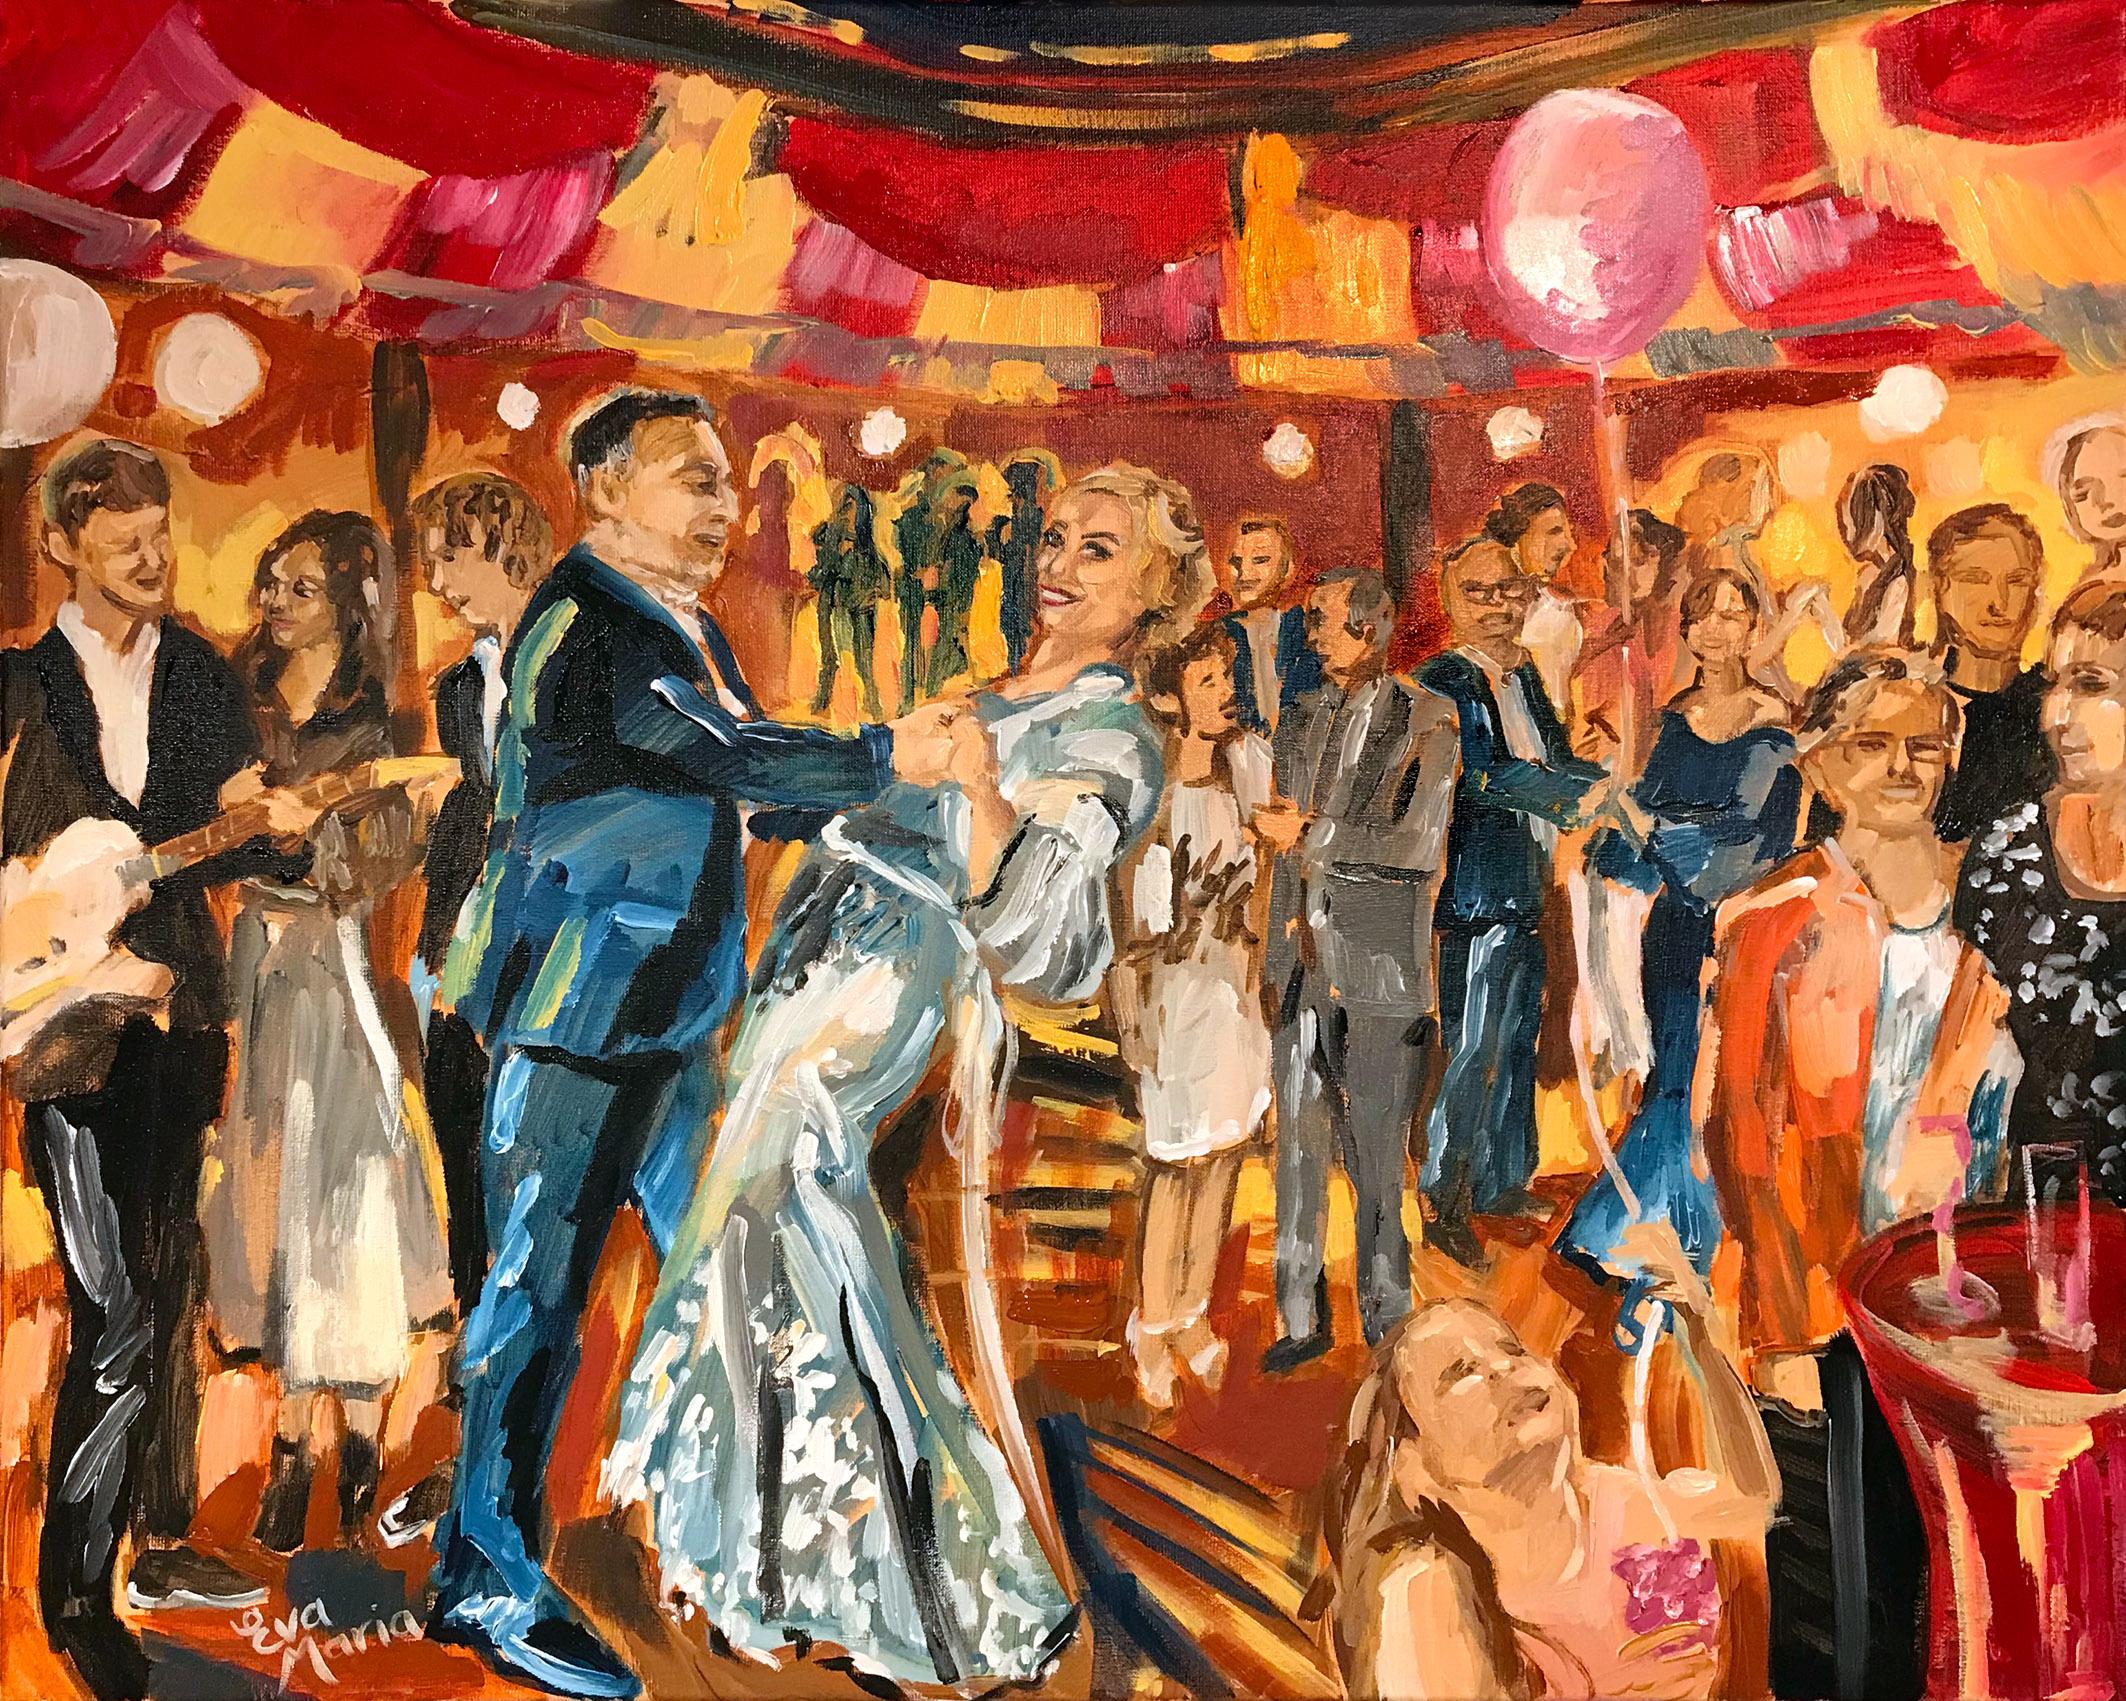 Live Paint Eva Maria schilderij huwelijksfeest Gouda